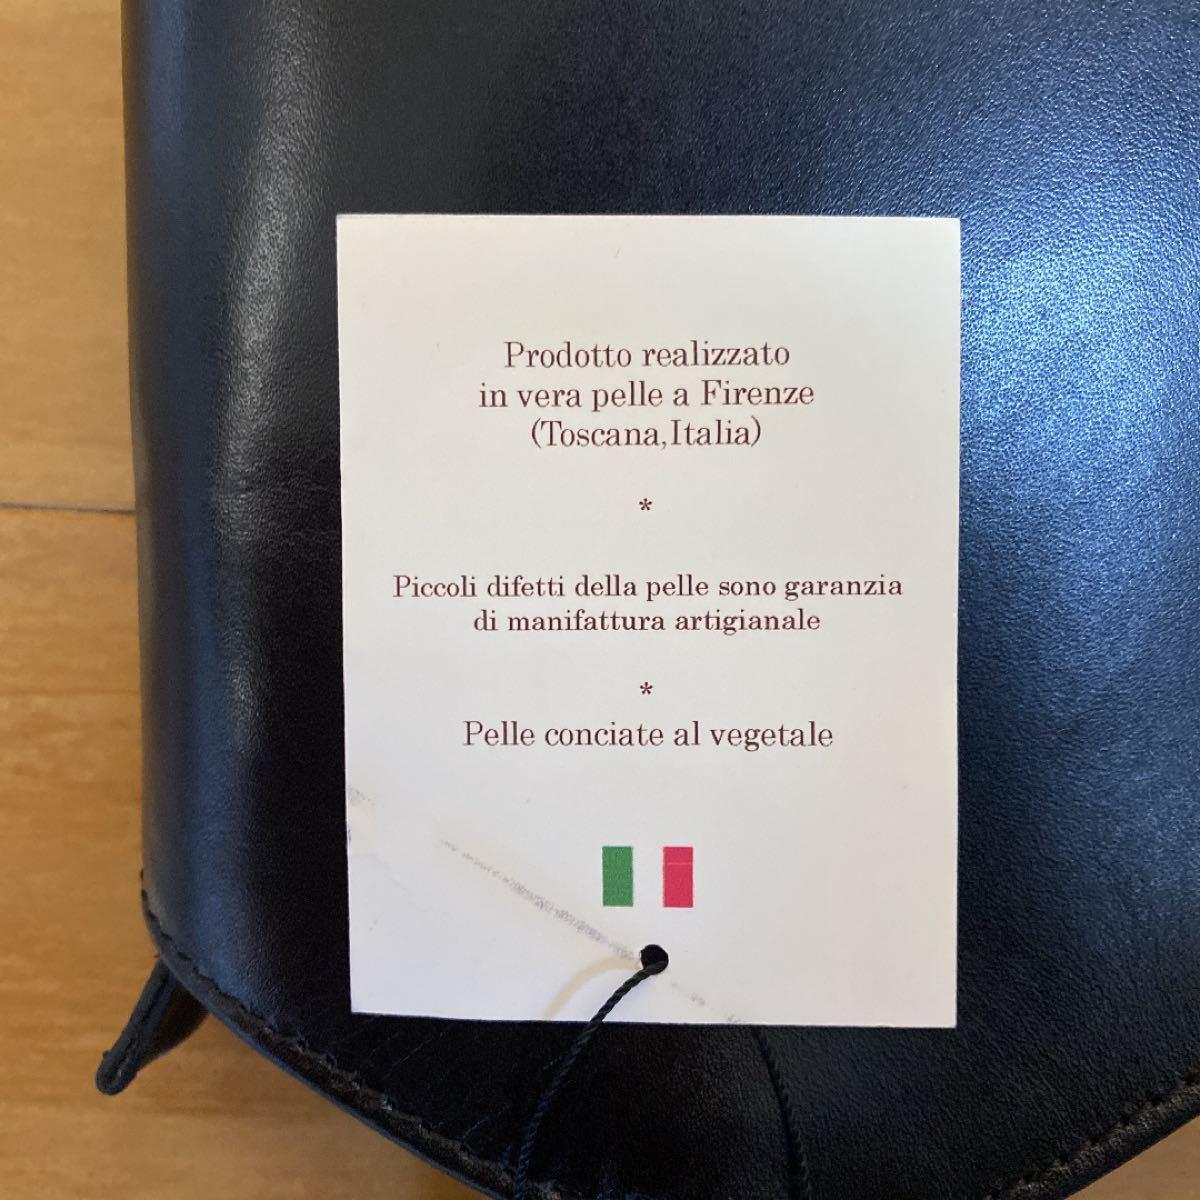 レア イタリア製3way本革トートバッグ ハンドバッグ ショルダーバッグ